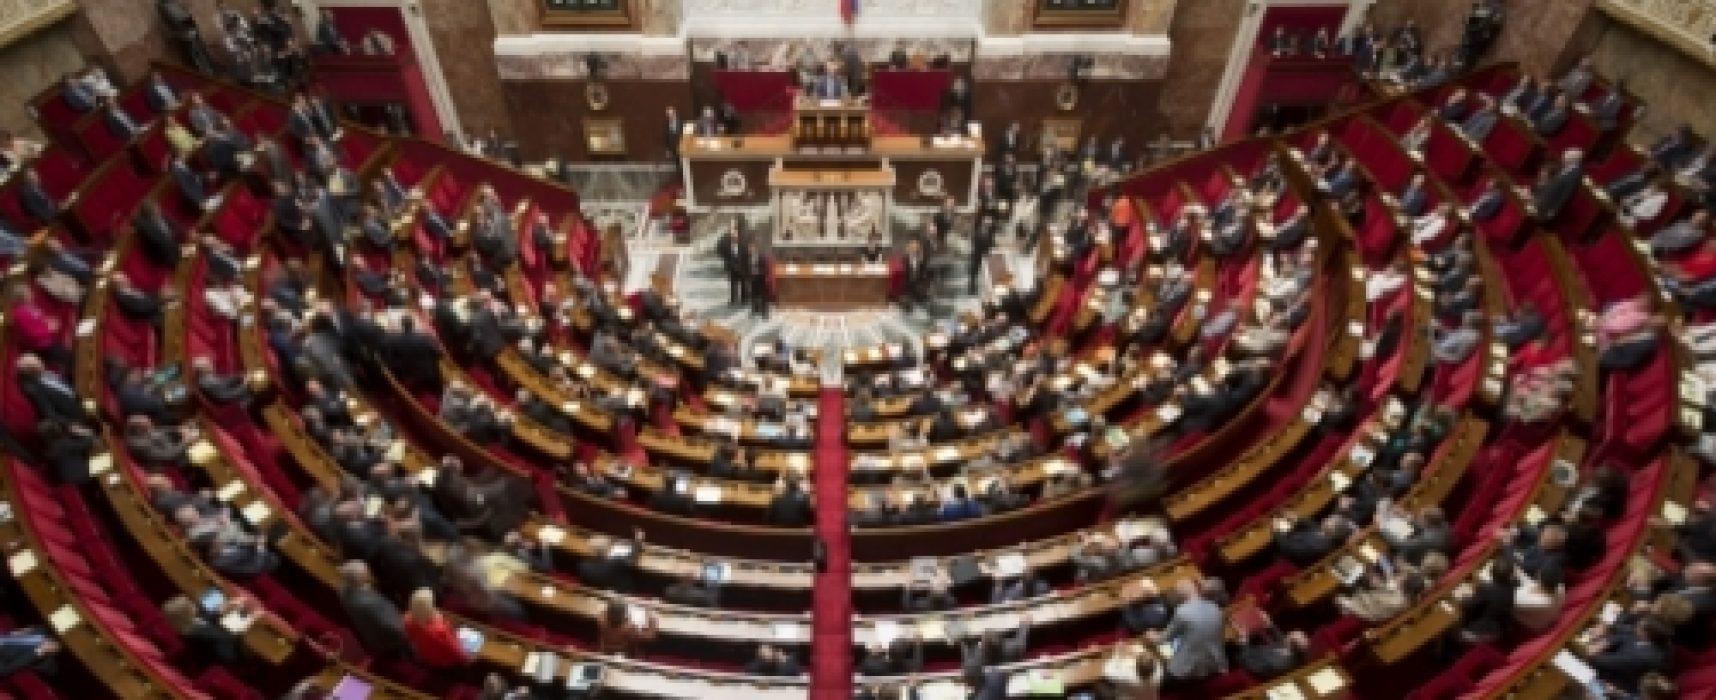 L'Assemblée nationale demande la levée des sanctions contre la Russie